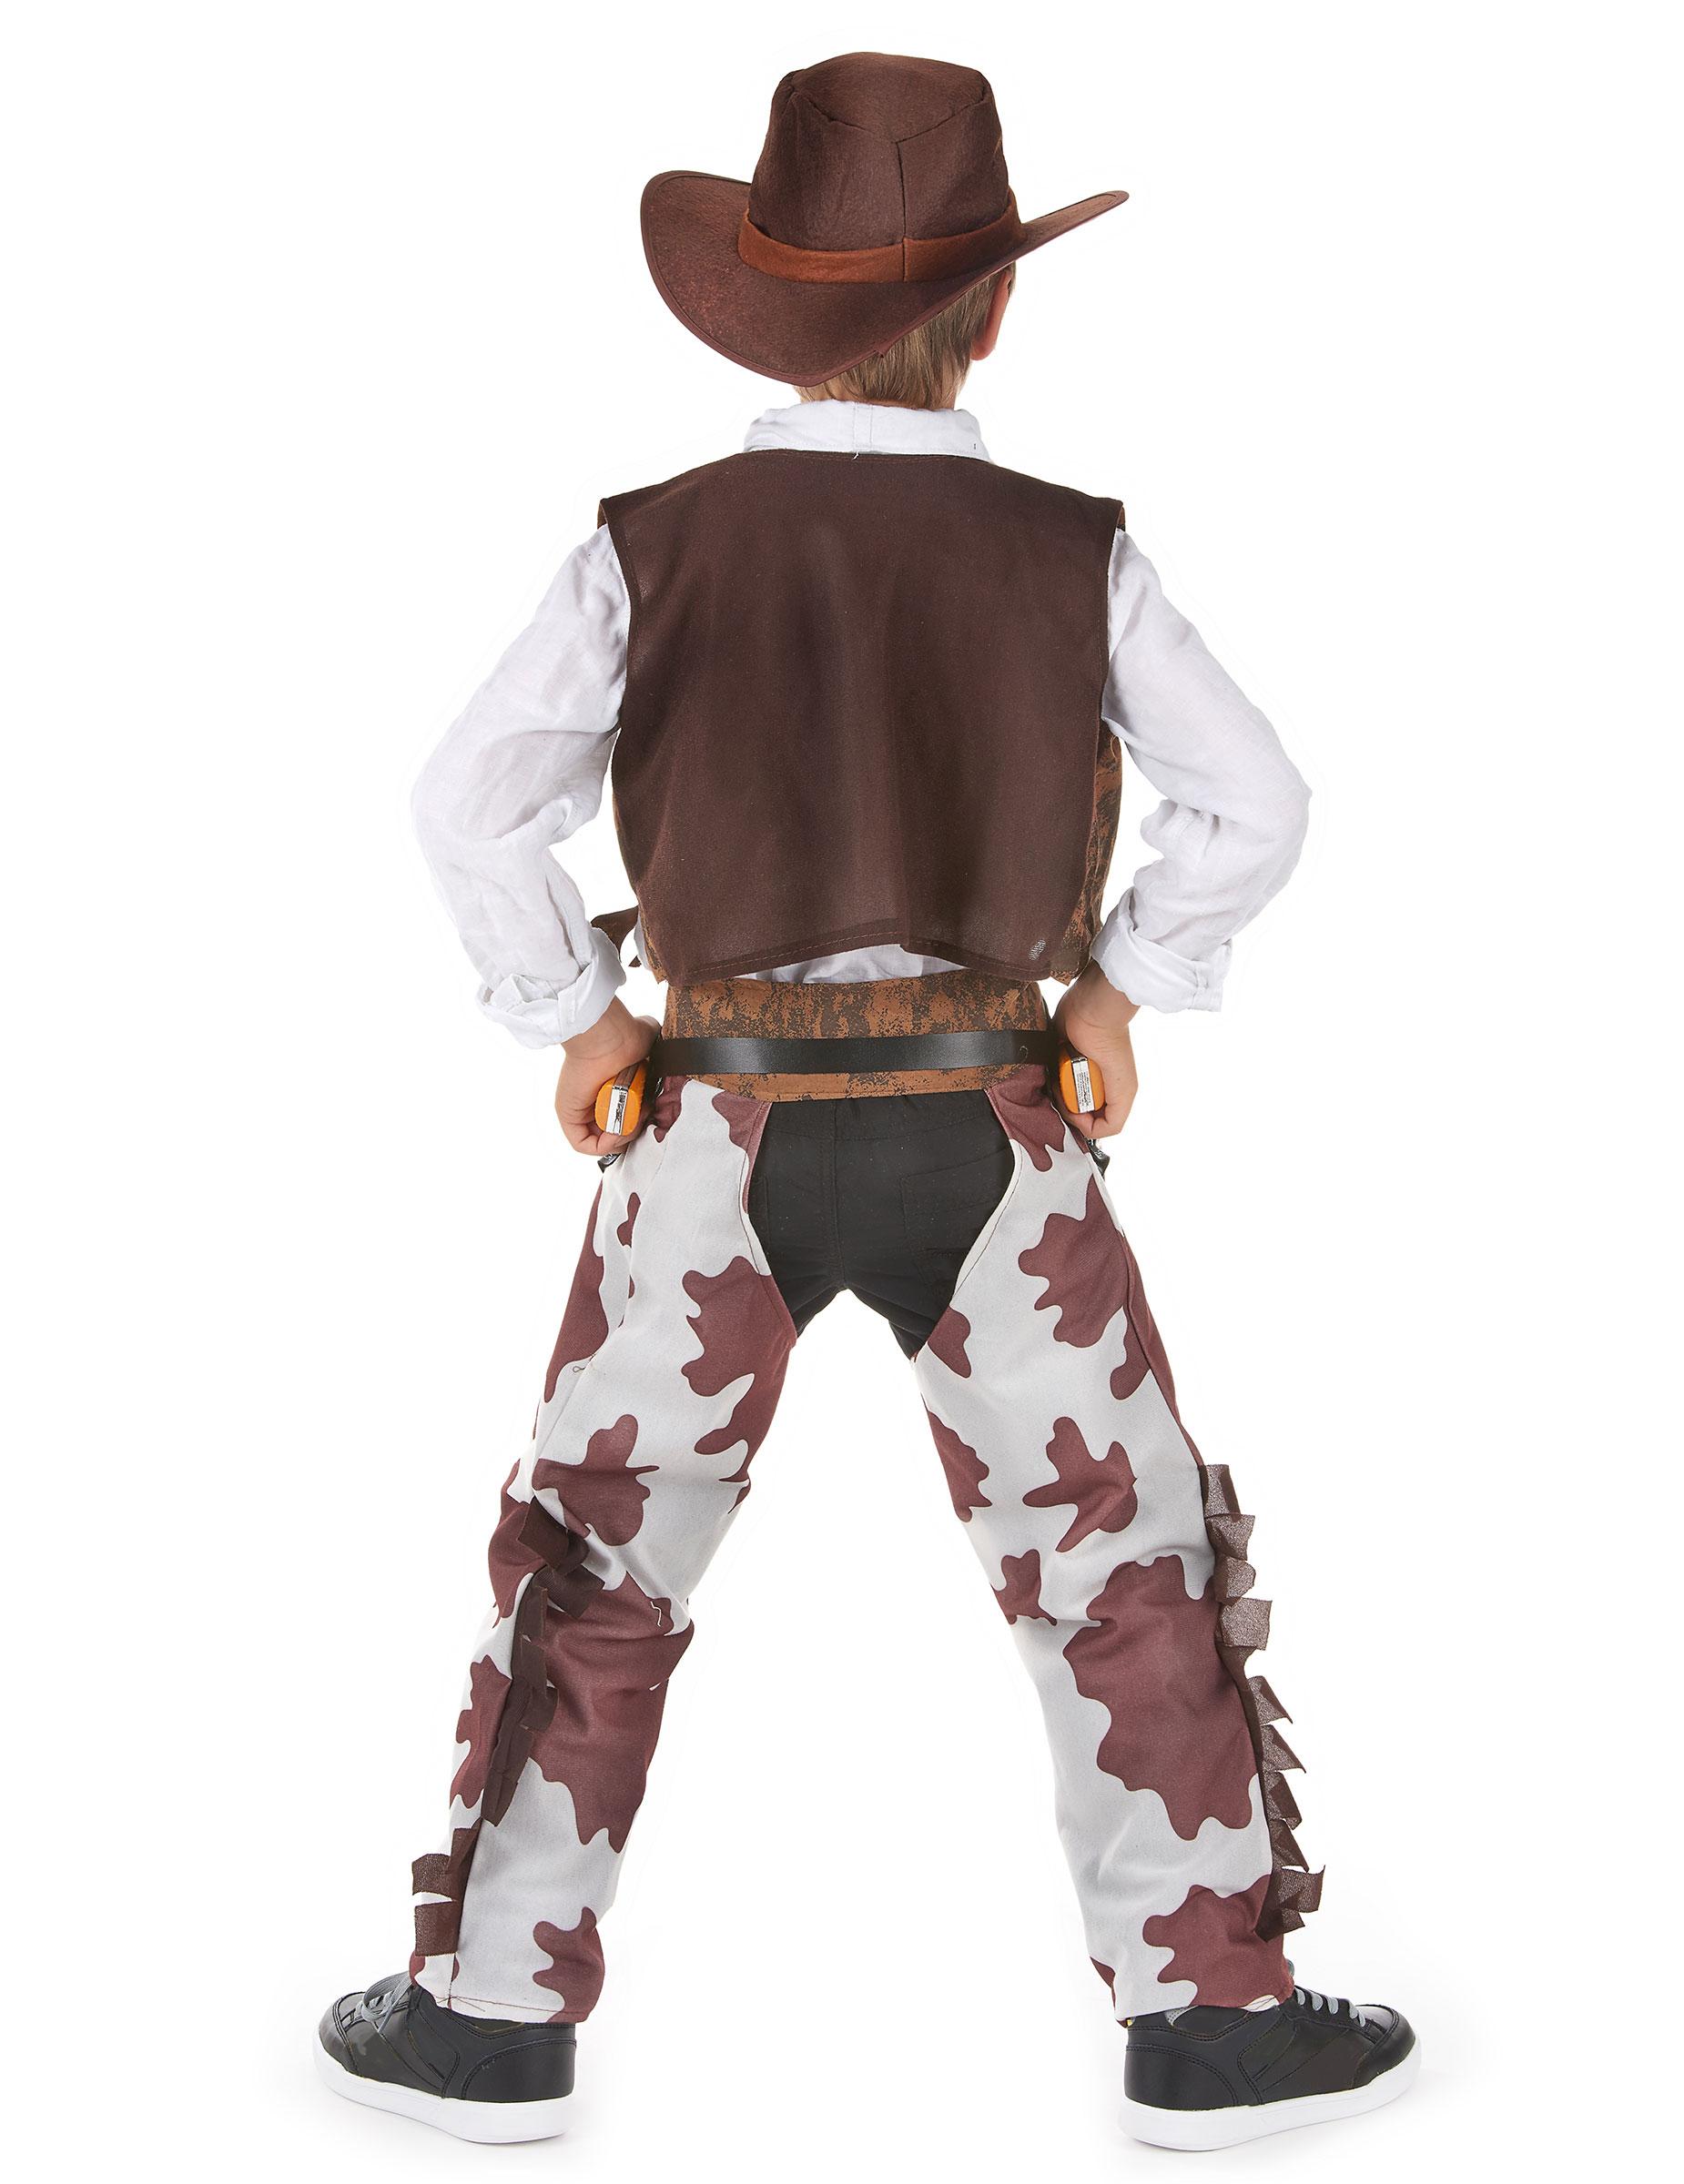 d guisement cowboy luxe gar on achat de d guisements enfants sur vegaoopro grossiste en. Black Bedroom Furniture Sets. Home Design Ideas